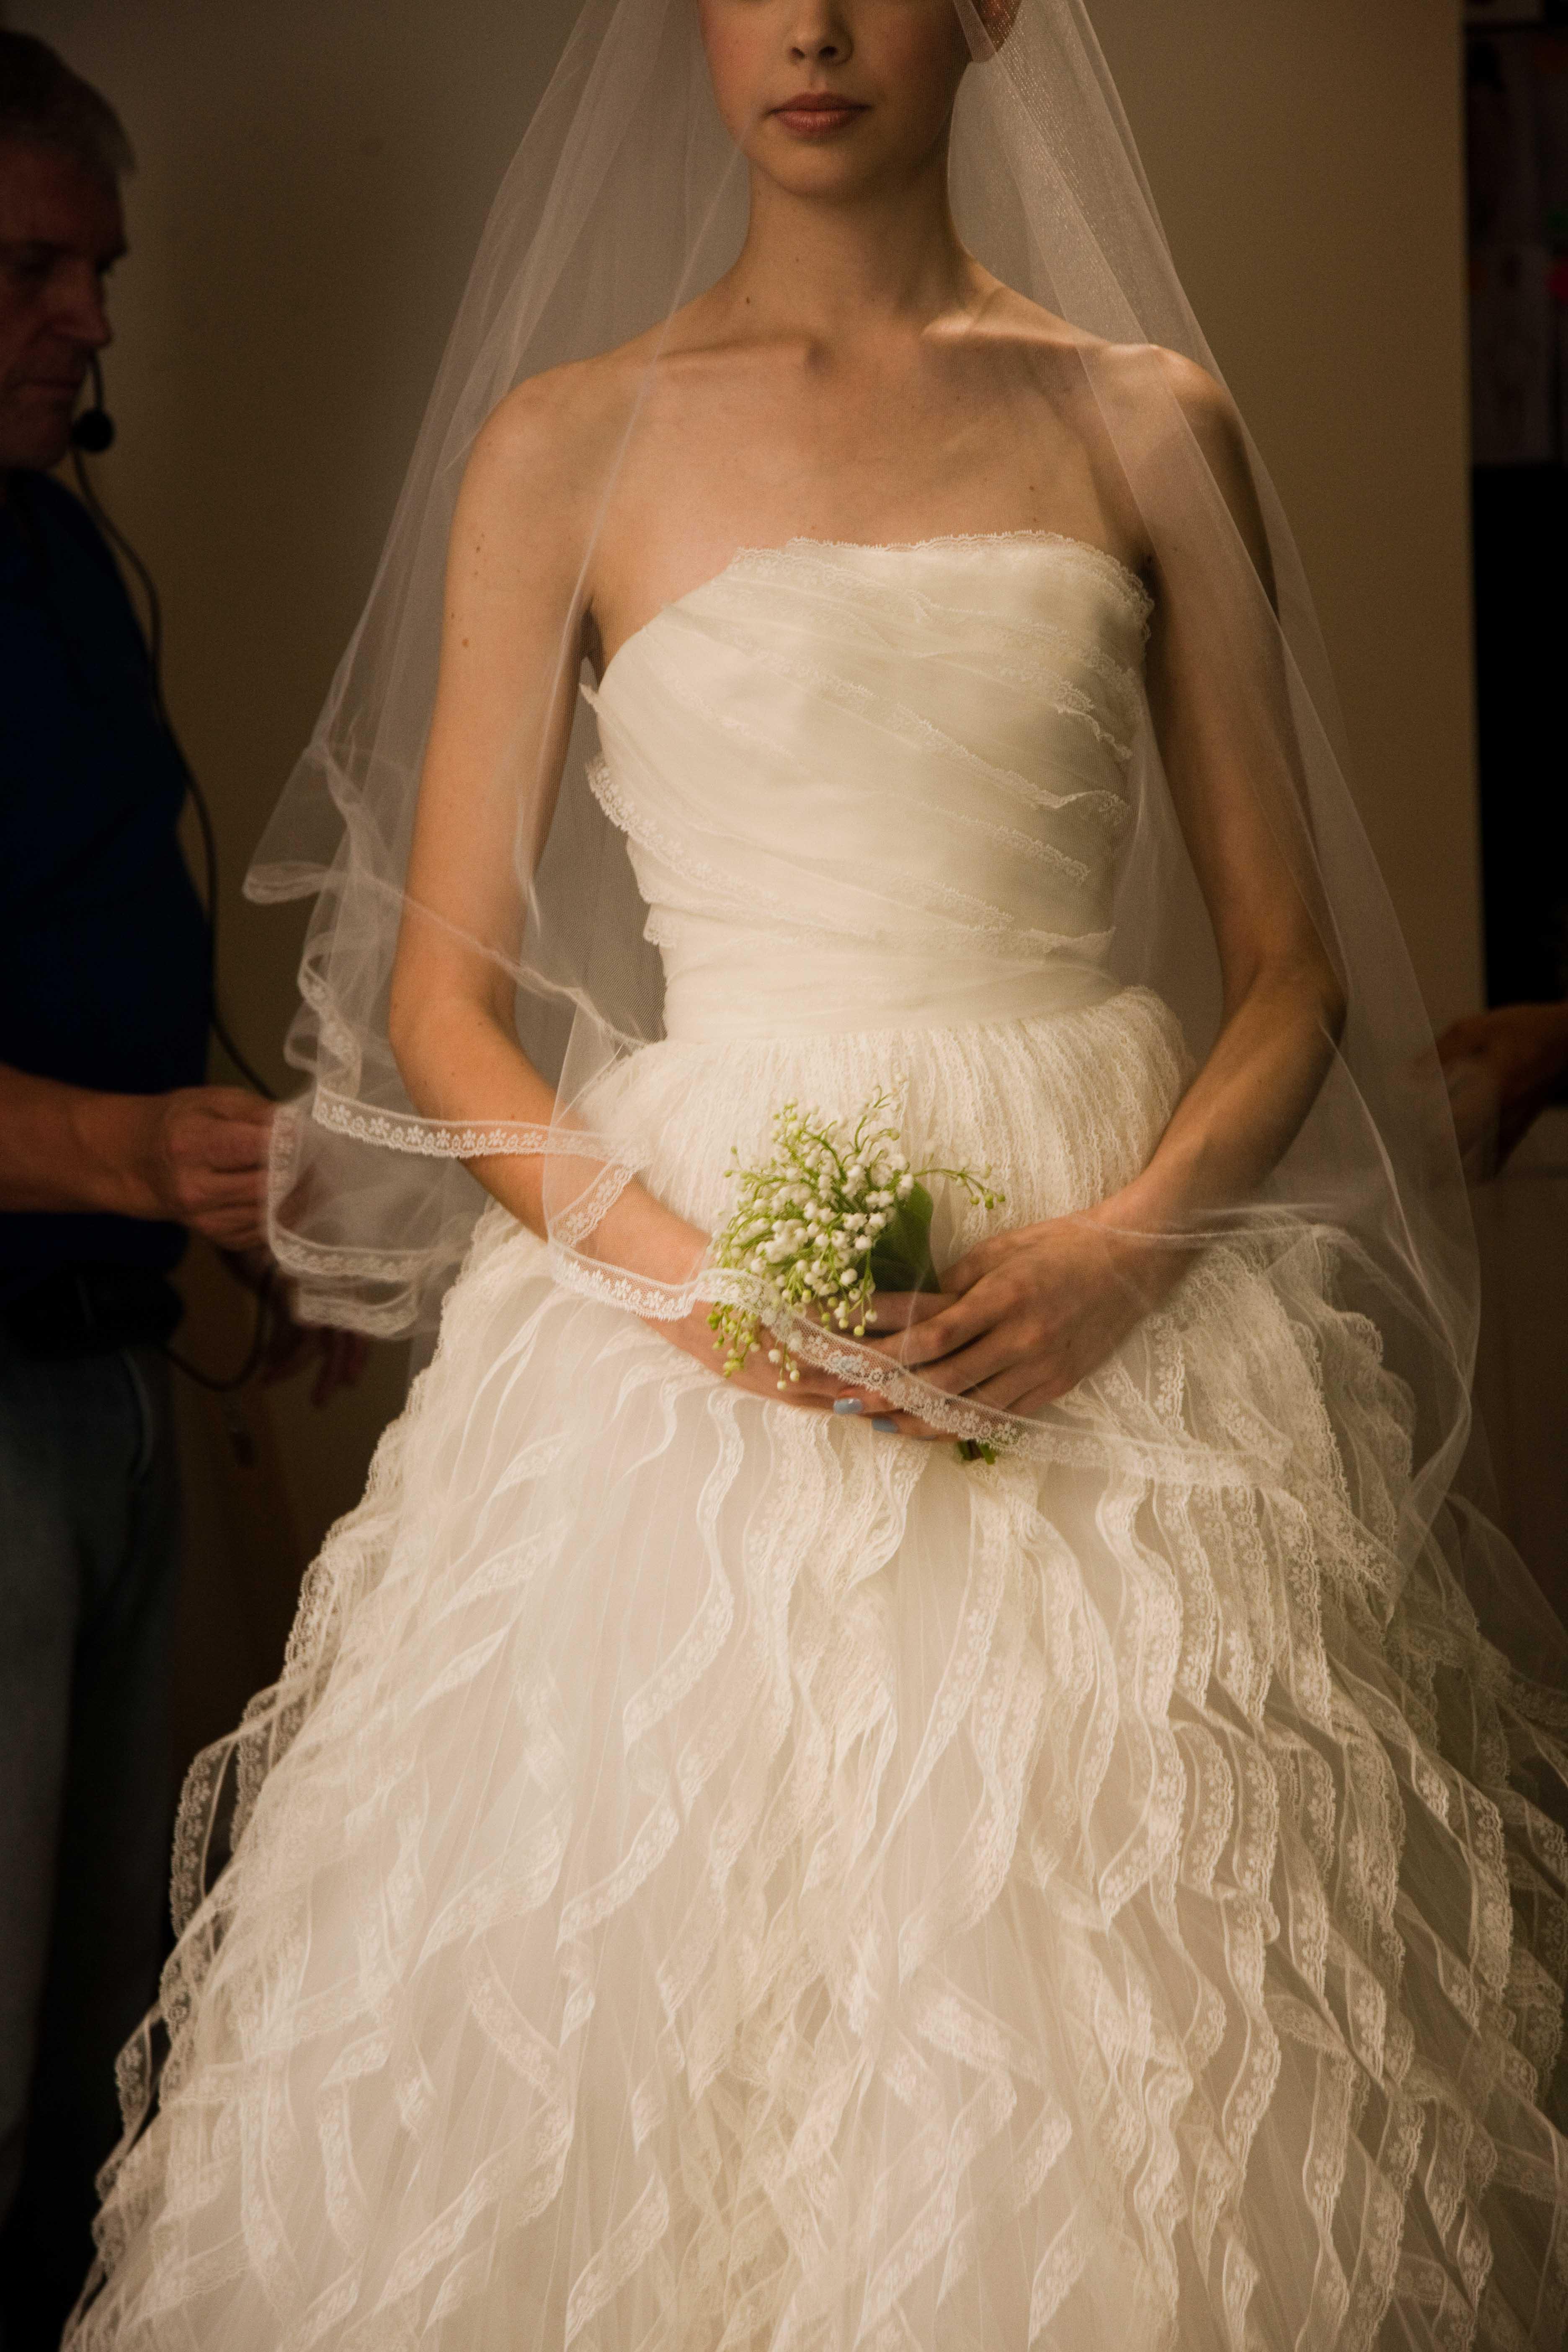 Oscar de la renta spring 2013 wedding dress lace cap for Oscar de la renta lace wedding dress